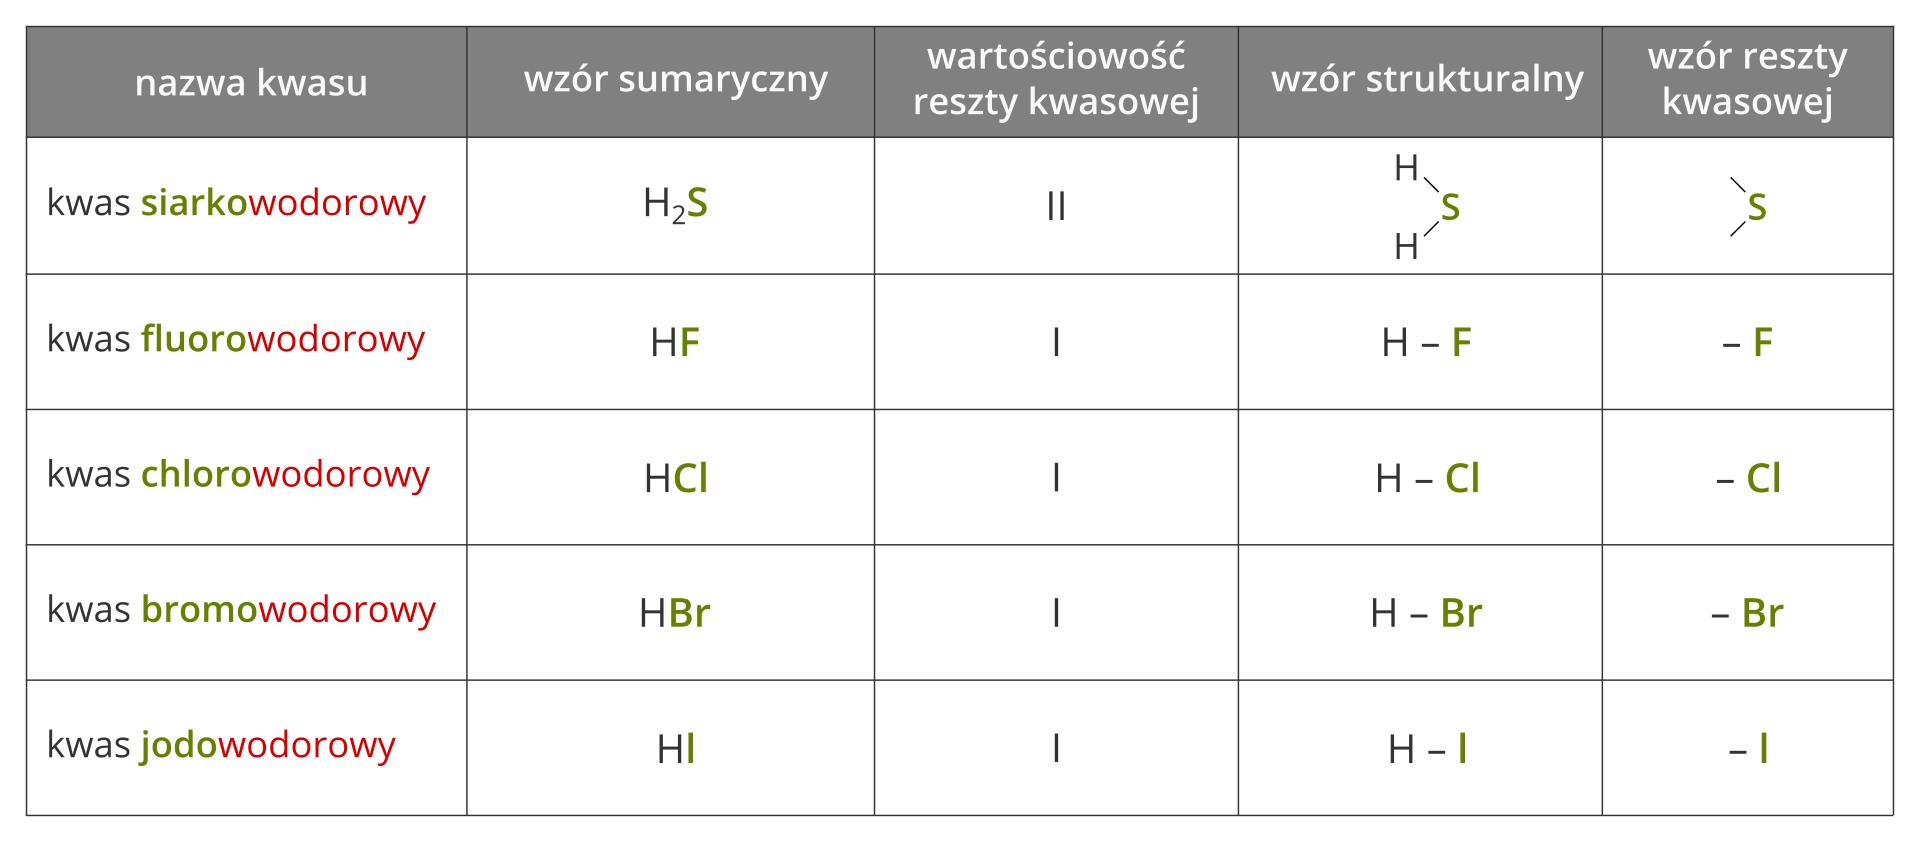 Ilustracja przedstawia tabelę, wktórej zestawiono cechy pięciu kwasów beztlenowych: siarkowodorowego, fluorowodorowego, chlorowodorowego, bromowodorowego oraz jodowodorowego. Wzory sumaryczne tych kwasów to kolejno: H2S, HF, HCl, HBr oraz HI. Wartościowość reszty kwasowej wkwasie siarkowodorowym wynosi dwa, awpozostałych kwasach jeden. Tabela zawiera też wzory strukturalne całych kwasów oraz ich reszt kwasowych.